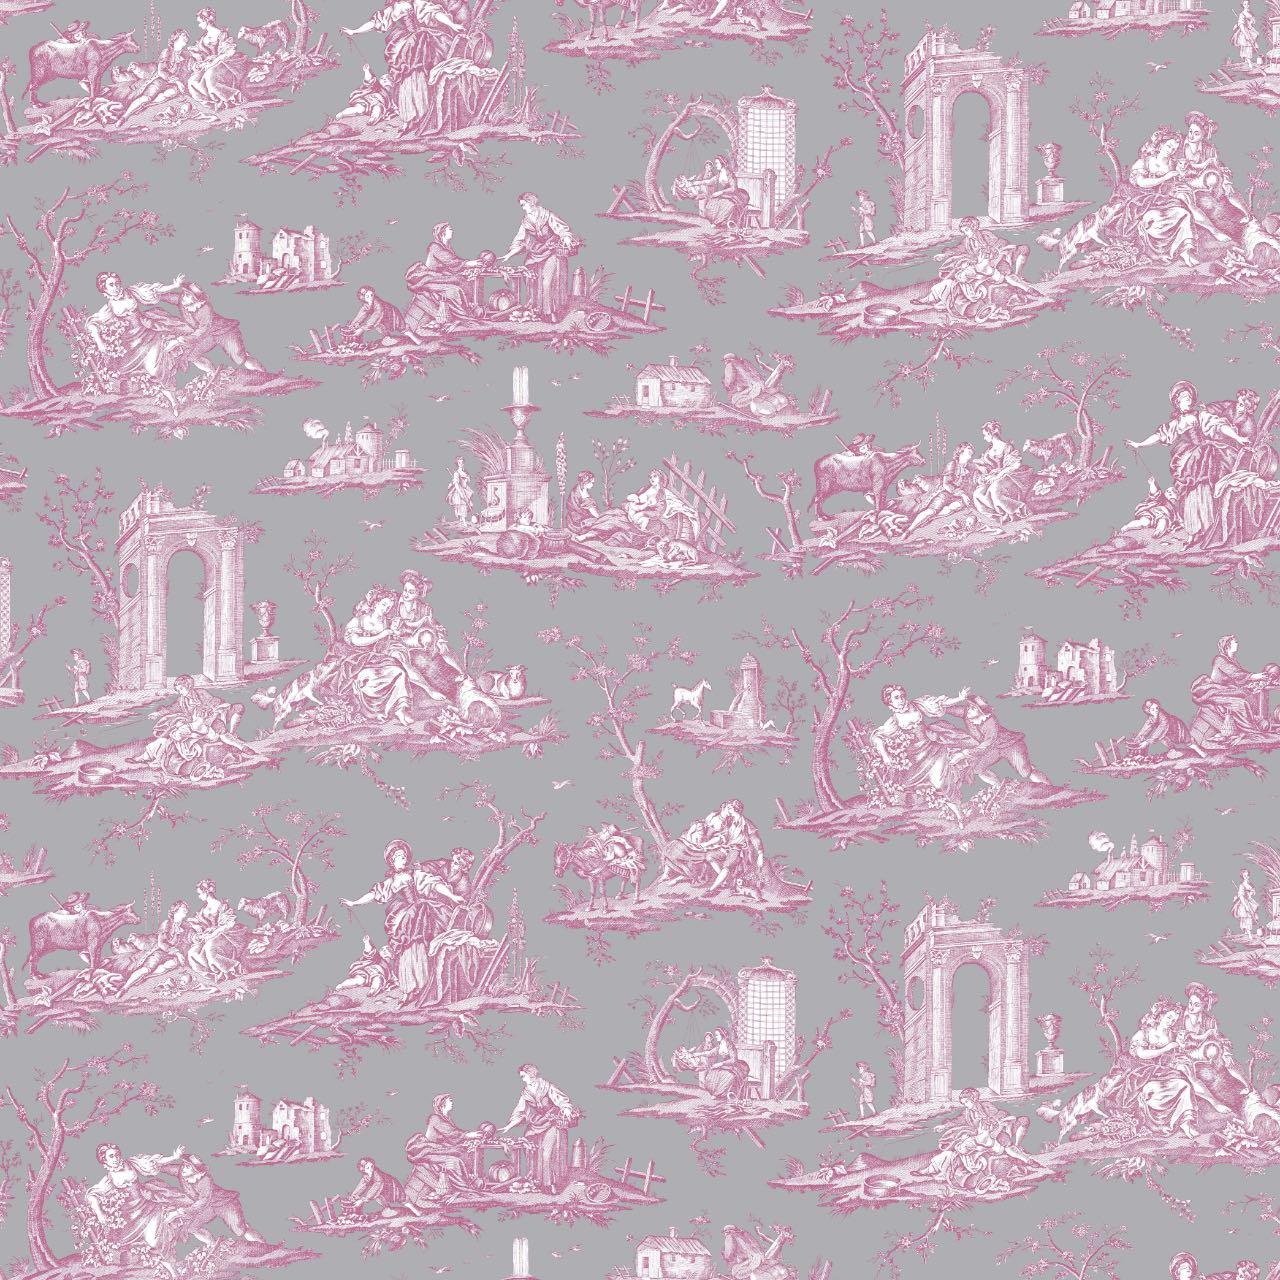 フランス壁紙 フリース(不織布) トワル・ド・ジュイ デザイン 《フラゴナール》 グレー & ピンク